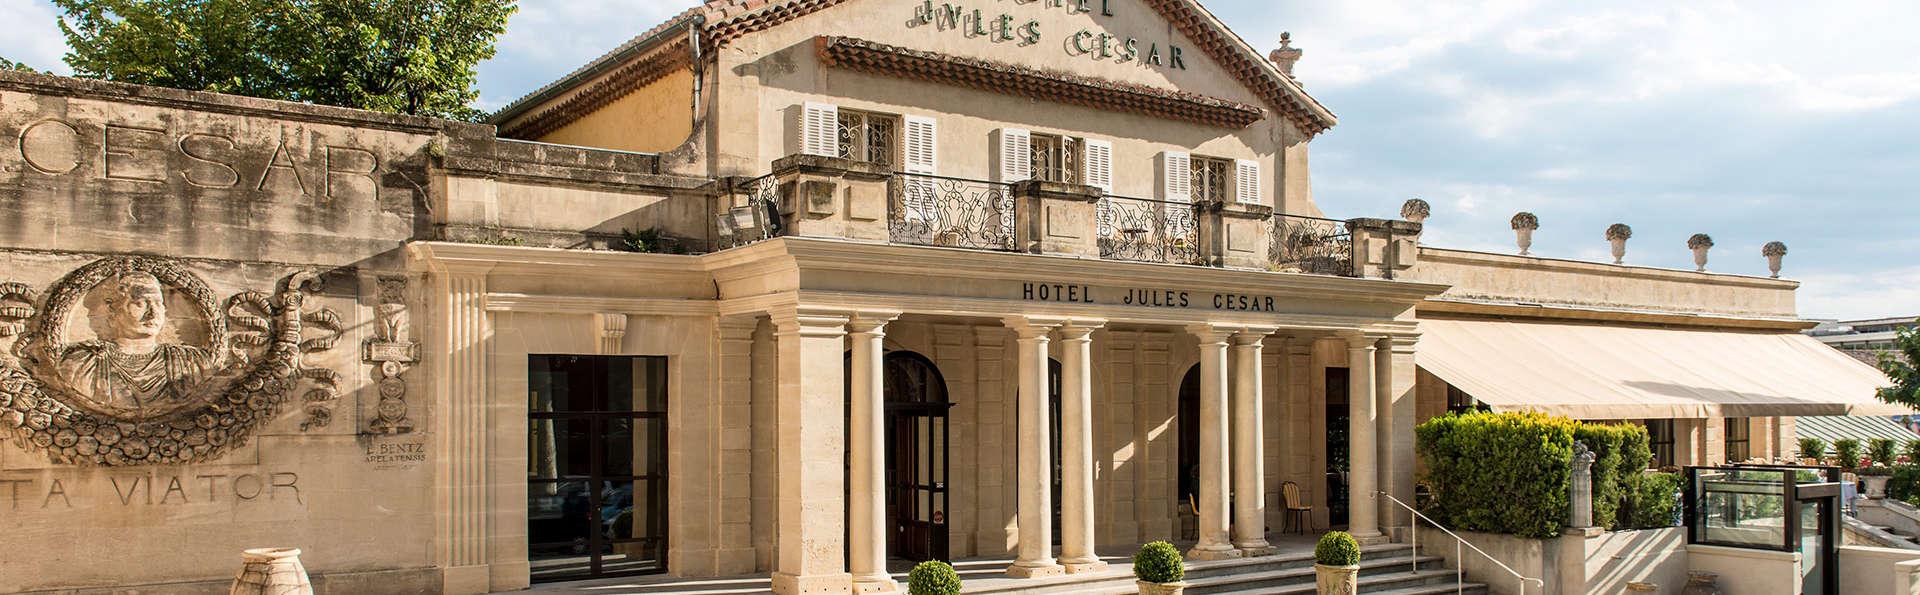 Hôtel Spa Jules César Arles MGallery by Sofitel - EDIT_front1.jpg